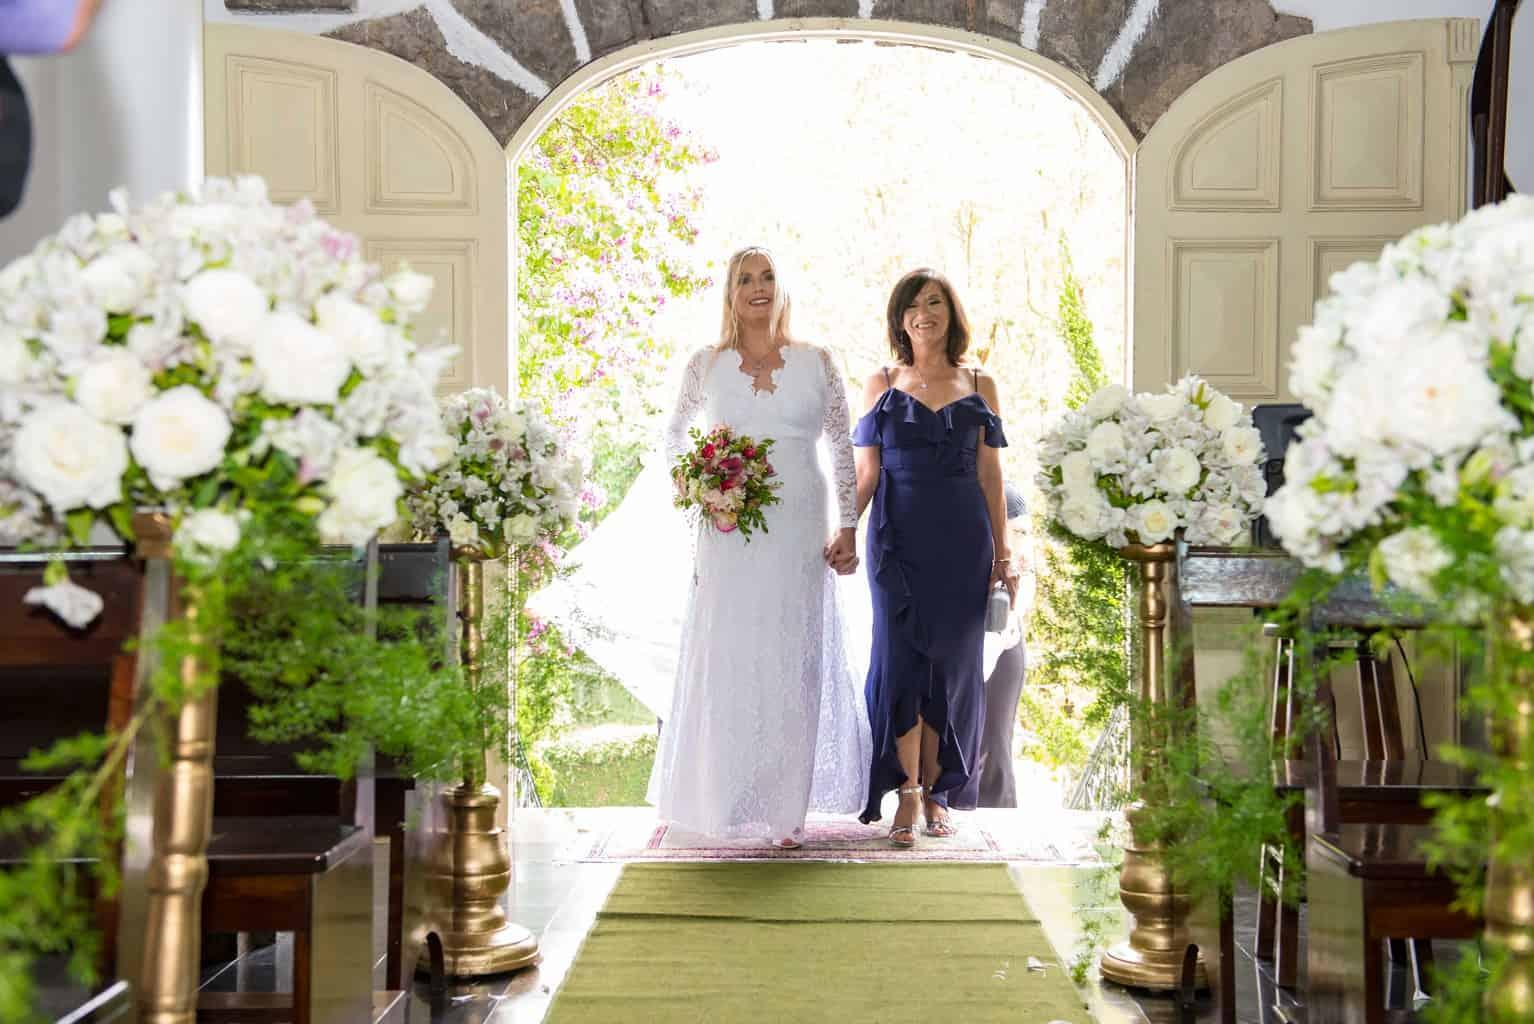 Capela-Santo-Cristo-dos-Milagres-casamento-religioso-Casamento-Roberta-e-Angelo-cerimonia-na-igreja-Danielle-Loureiro40